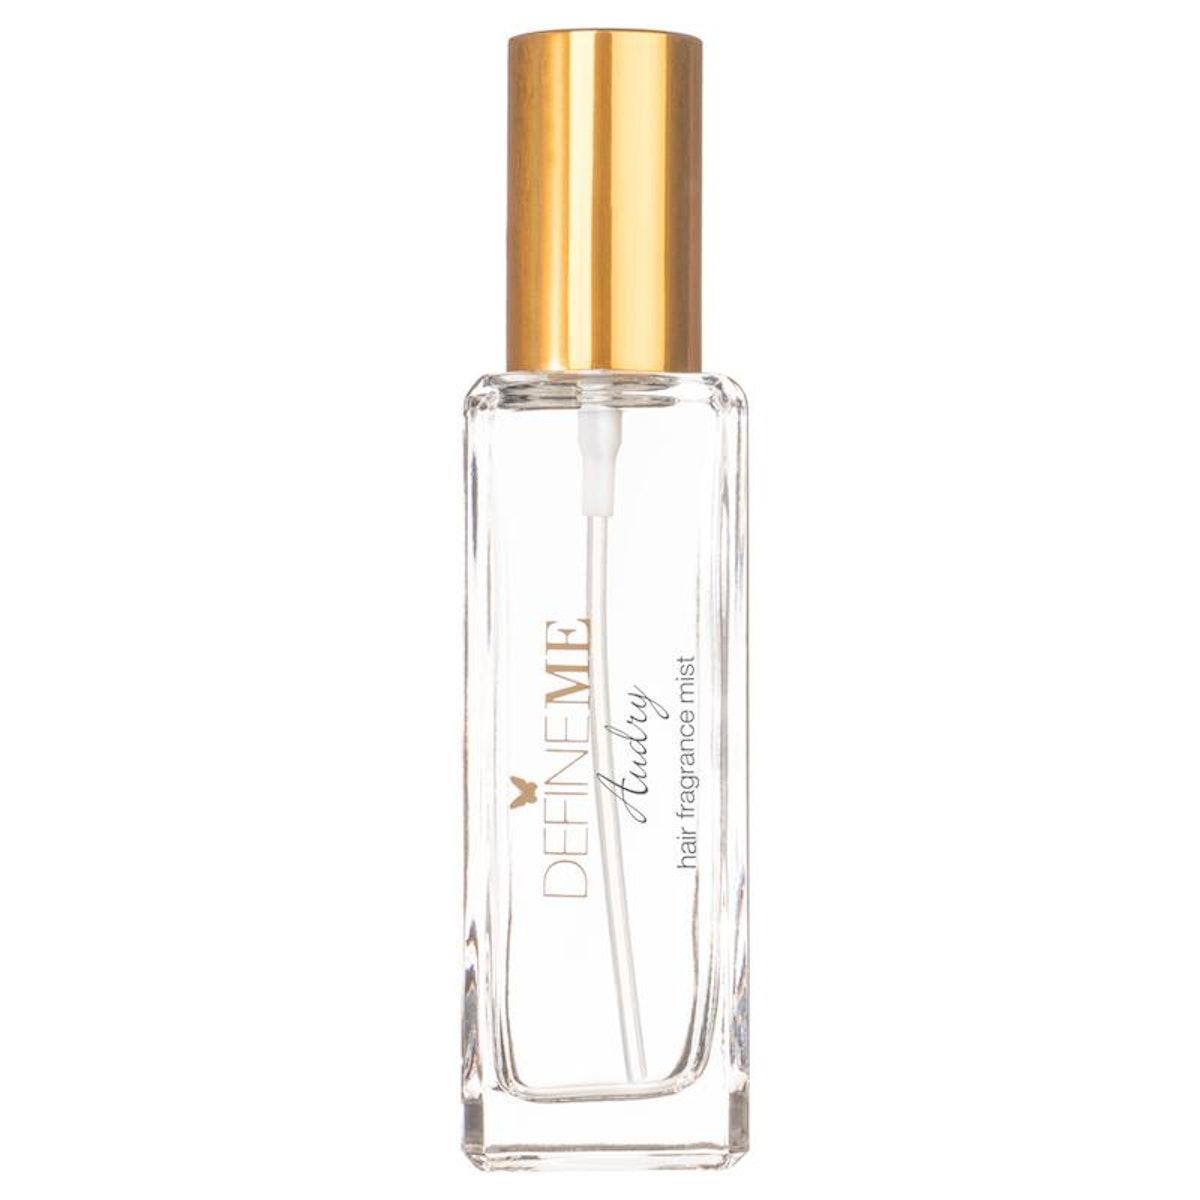 Audrey Hair Fragrance Mist